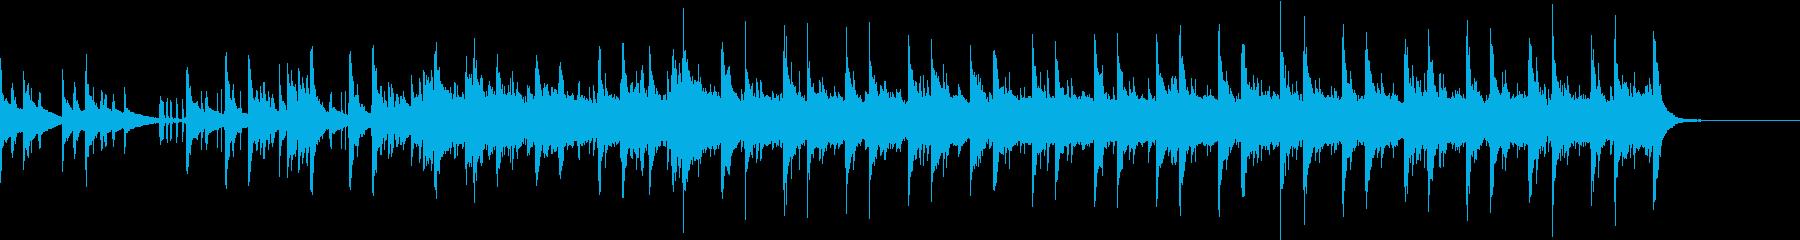 J-Popバラード(しっとり切ない)の再生済みの波形